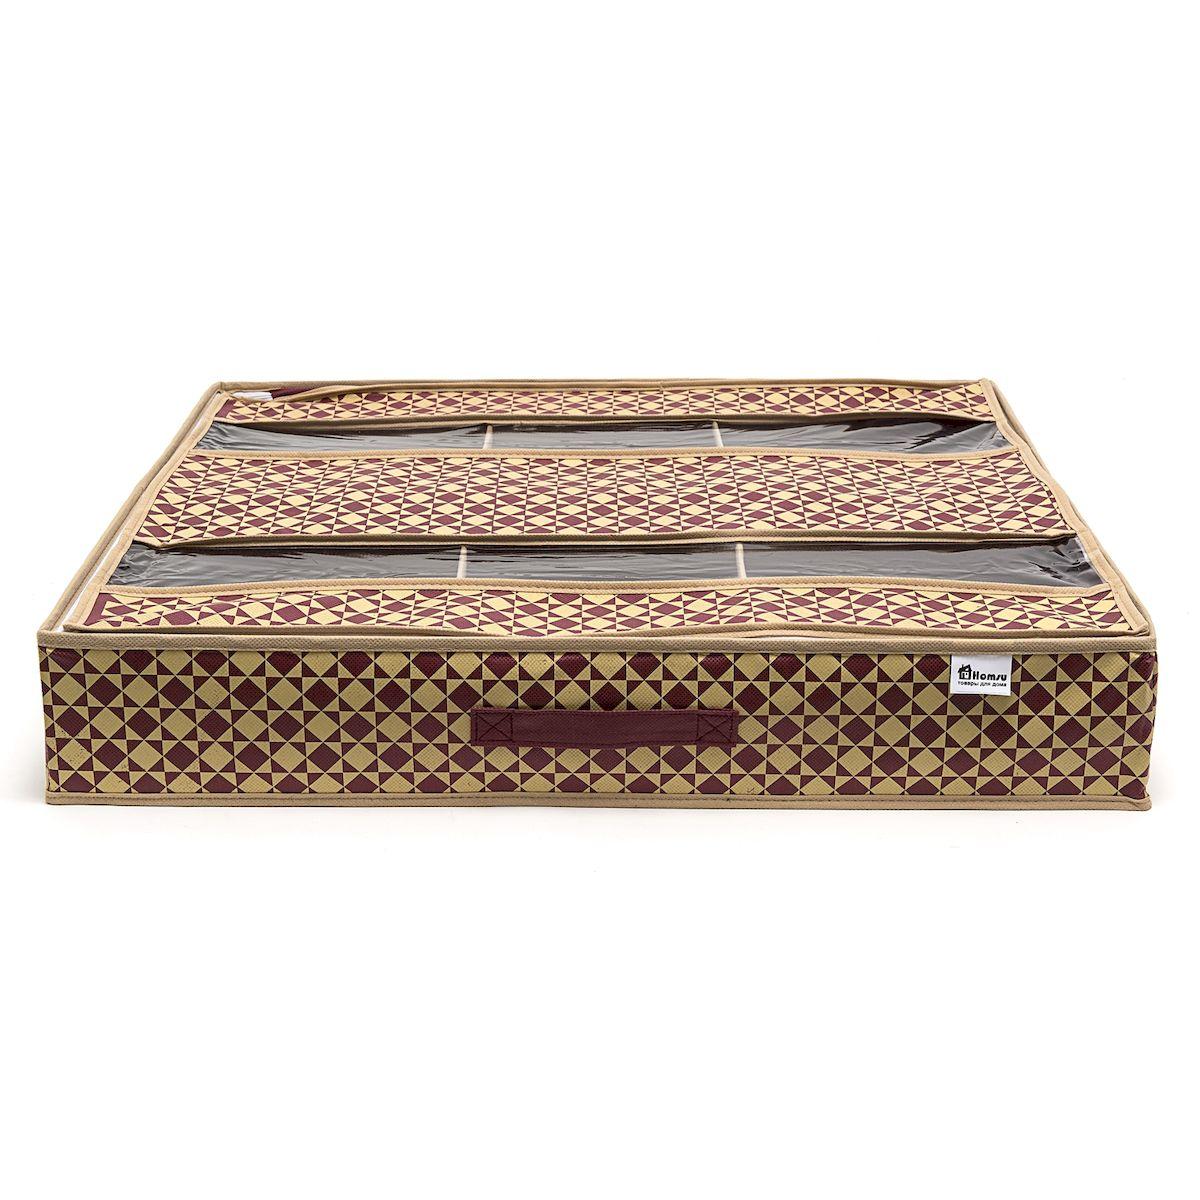 Органайзер для обуви Homsu Bordo, 66х63х11 смTD 0033Очень удобный способ хранить сезонную обувь. Шесть больших отделений размером 20см на 32см вмещают 6 пар обуви большого размера, высокий каблук, сапожки. Органайзер плоский, удобно хранить под кроватью или диваном. Внутренние секции можно моделировать под размеры обуви, например высокие сапоги. Имеет жесткие борта, что является гарантией сохраности вещей. Фактический цвет может отличаться от заявленного. Размер изделия: 66x63x11см